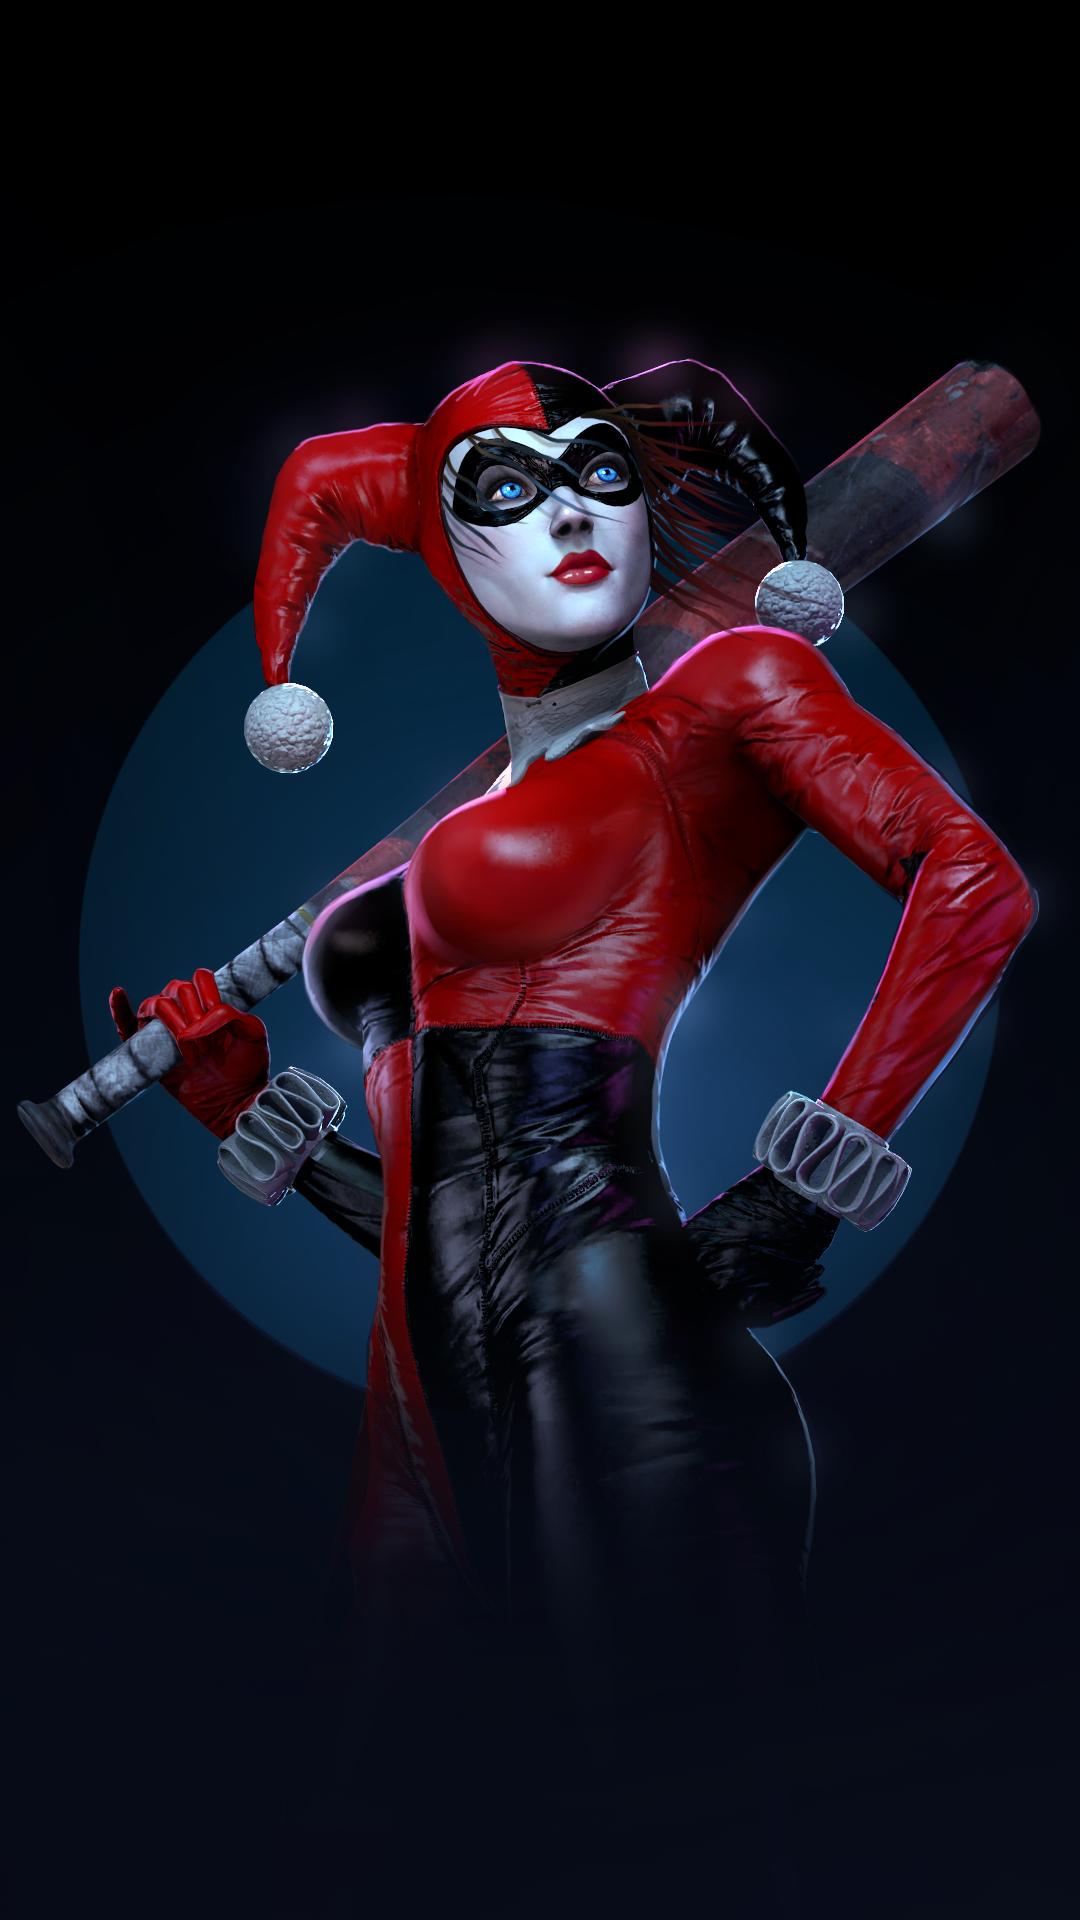 Dc Comics Fans : Harley quinn by p nystark on deviantart